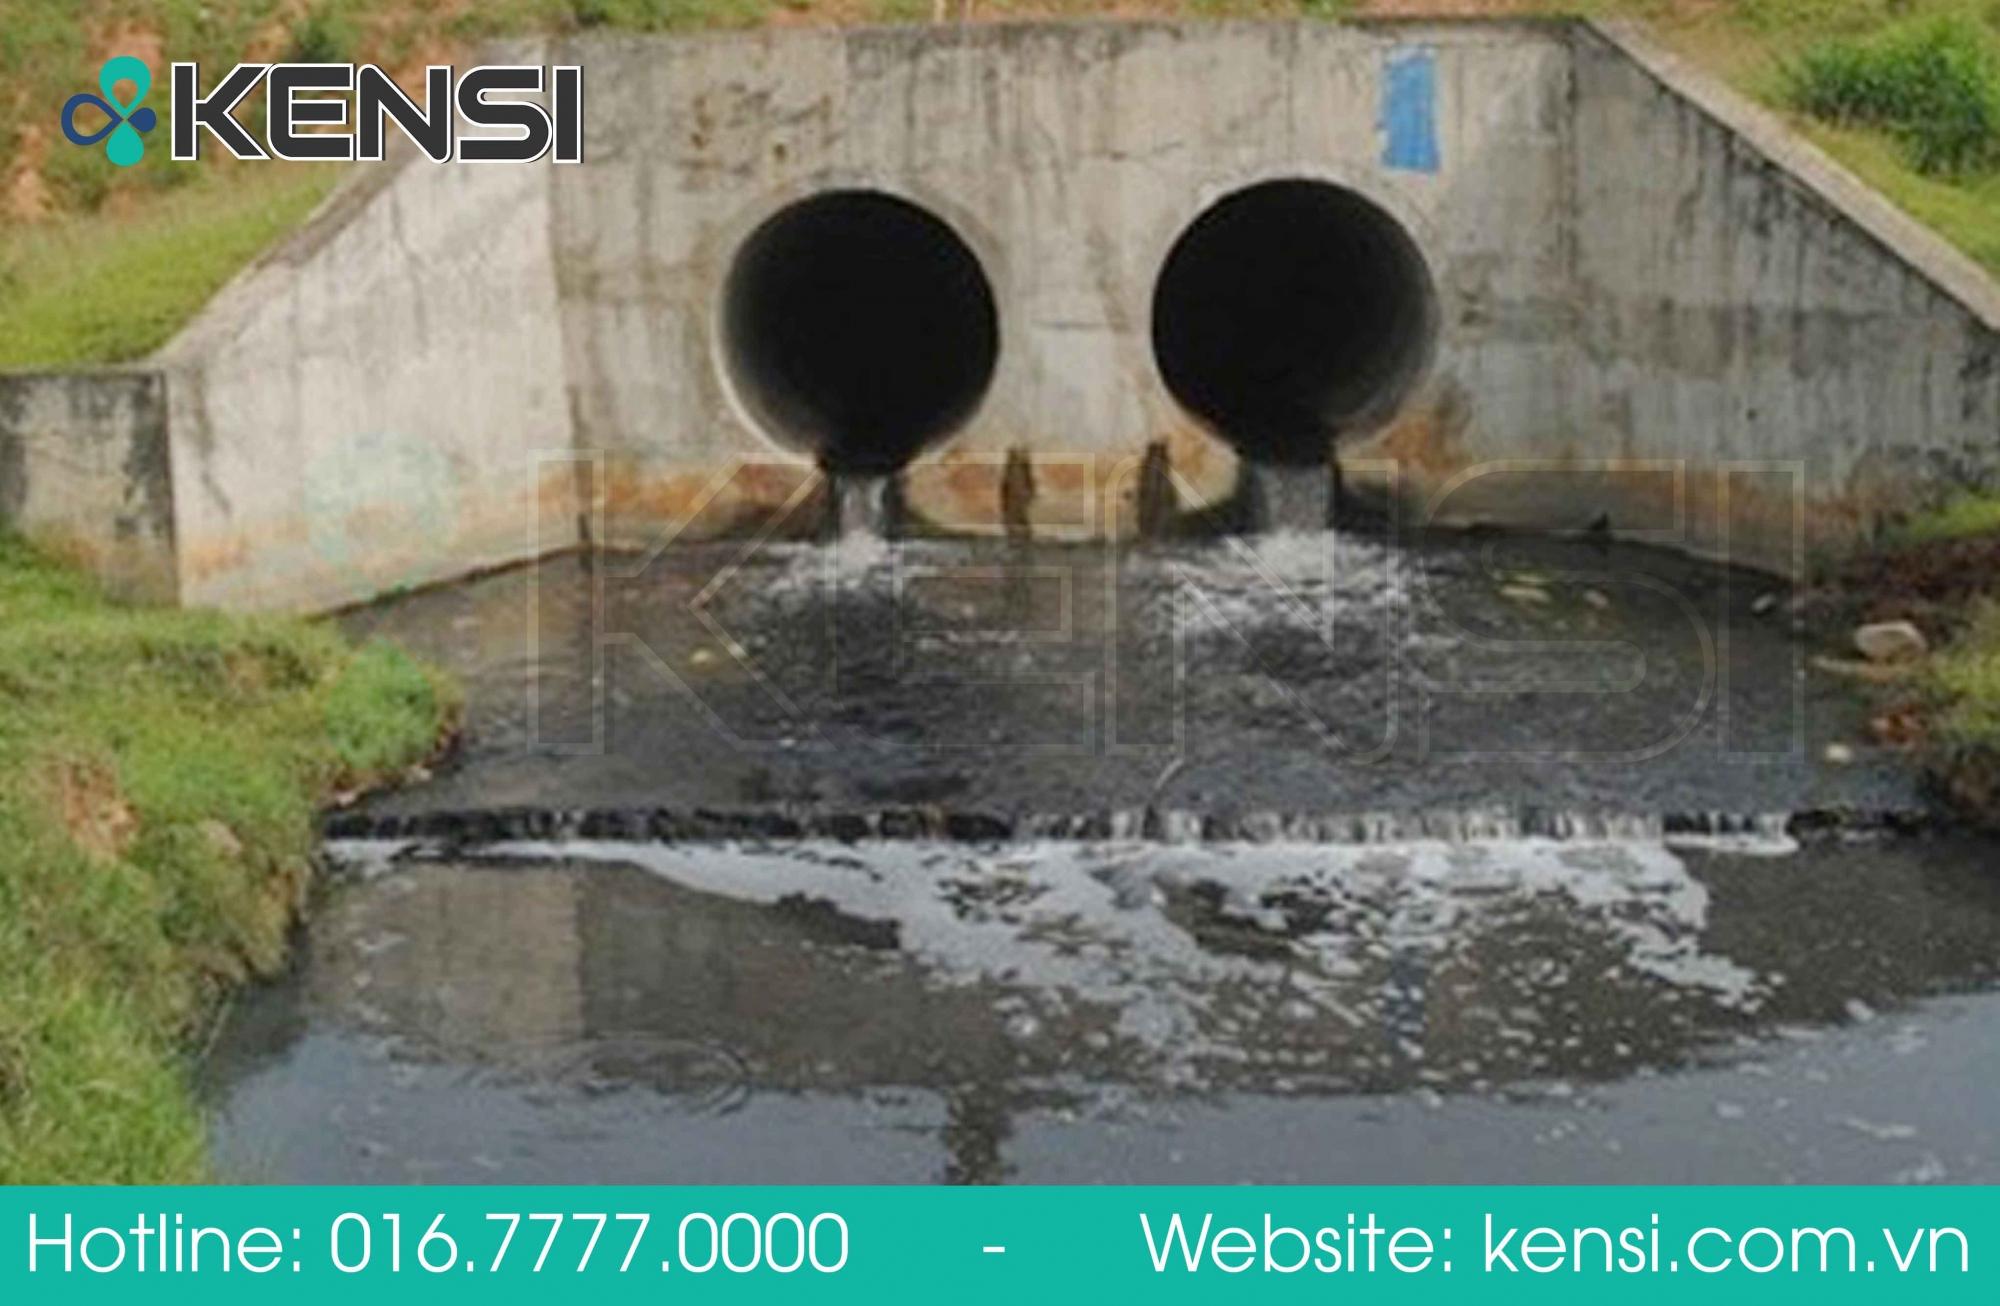 Nước thải khu công nghiệp chưa qua xử lý đã xả ra môi trường